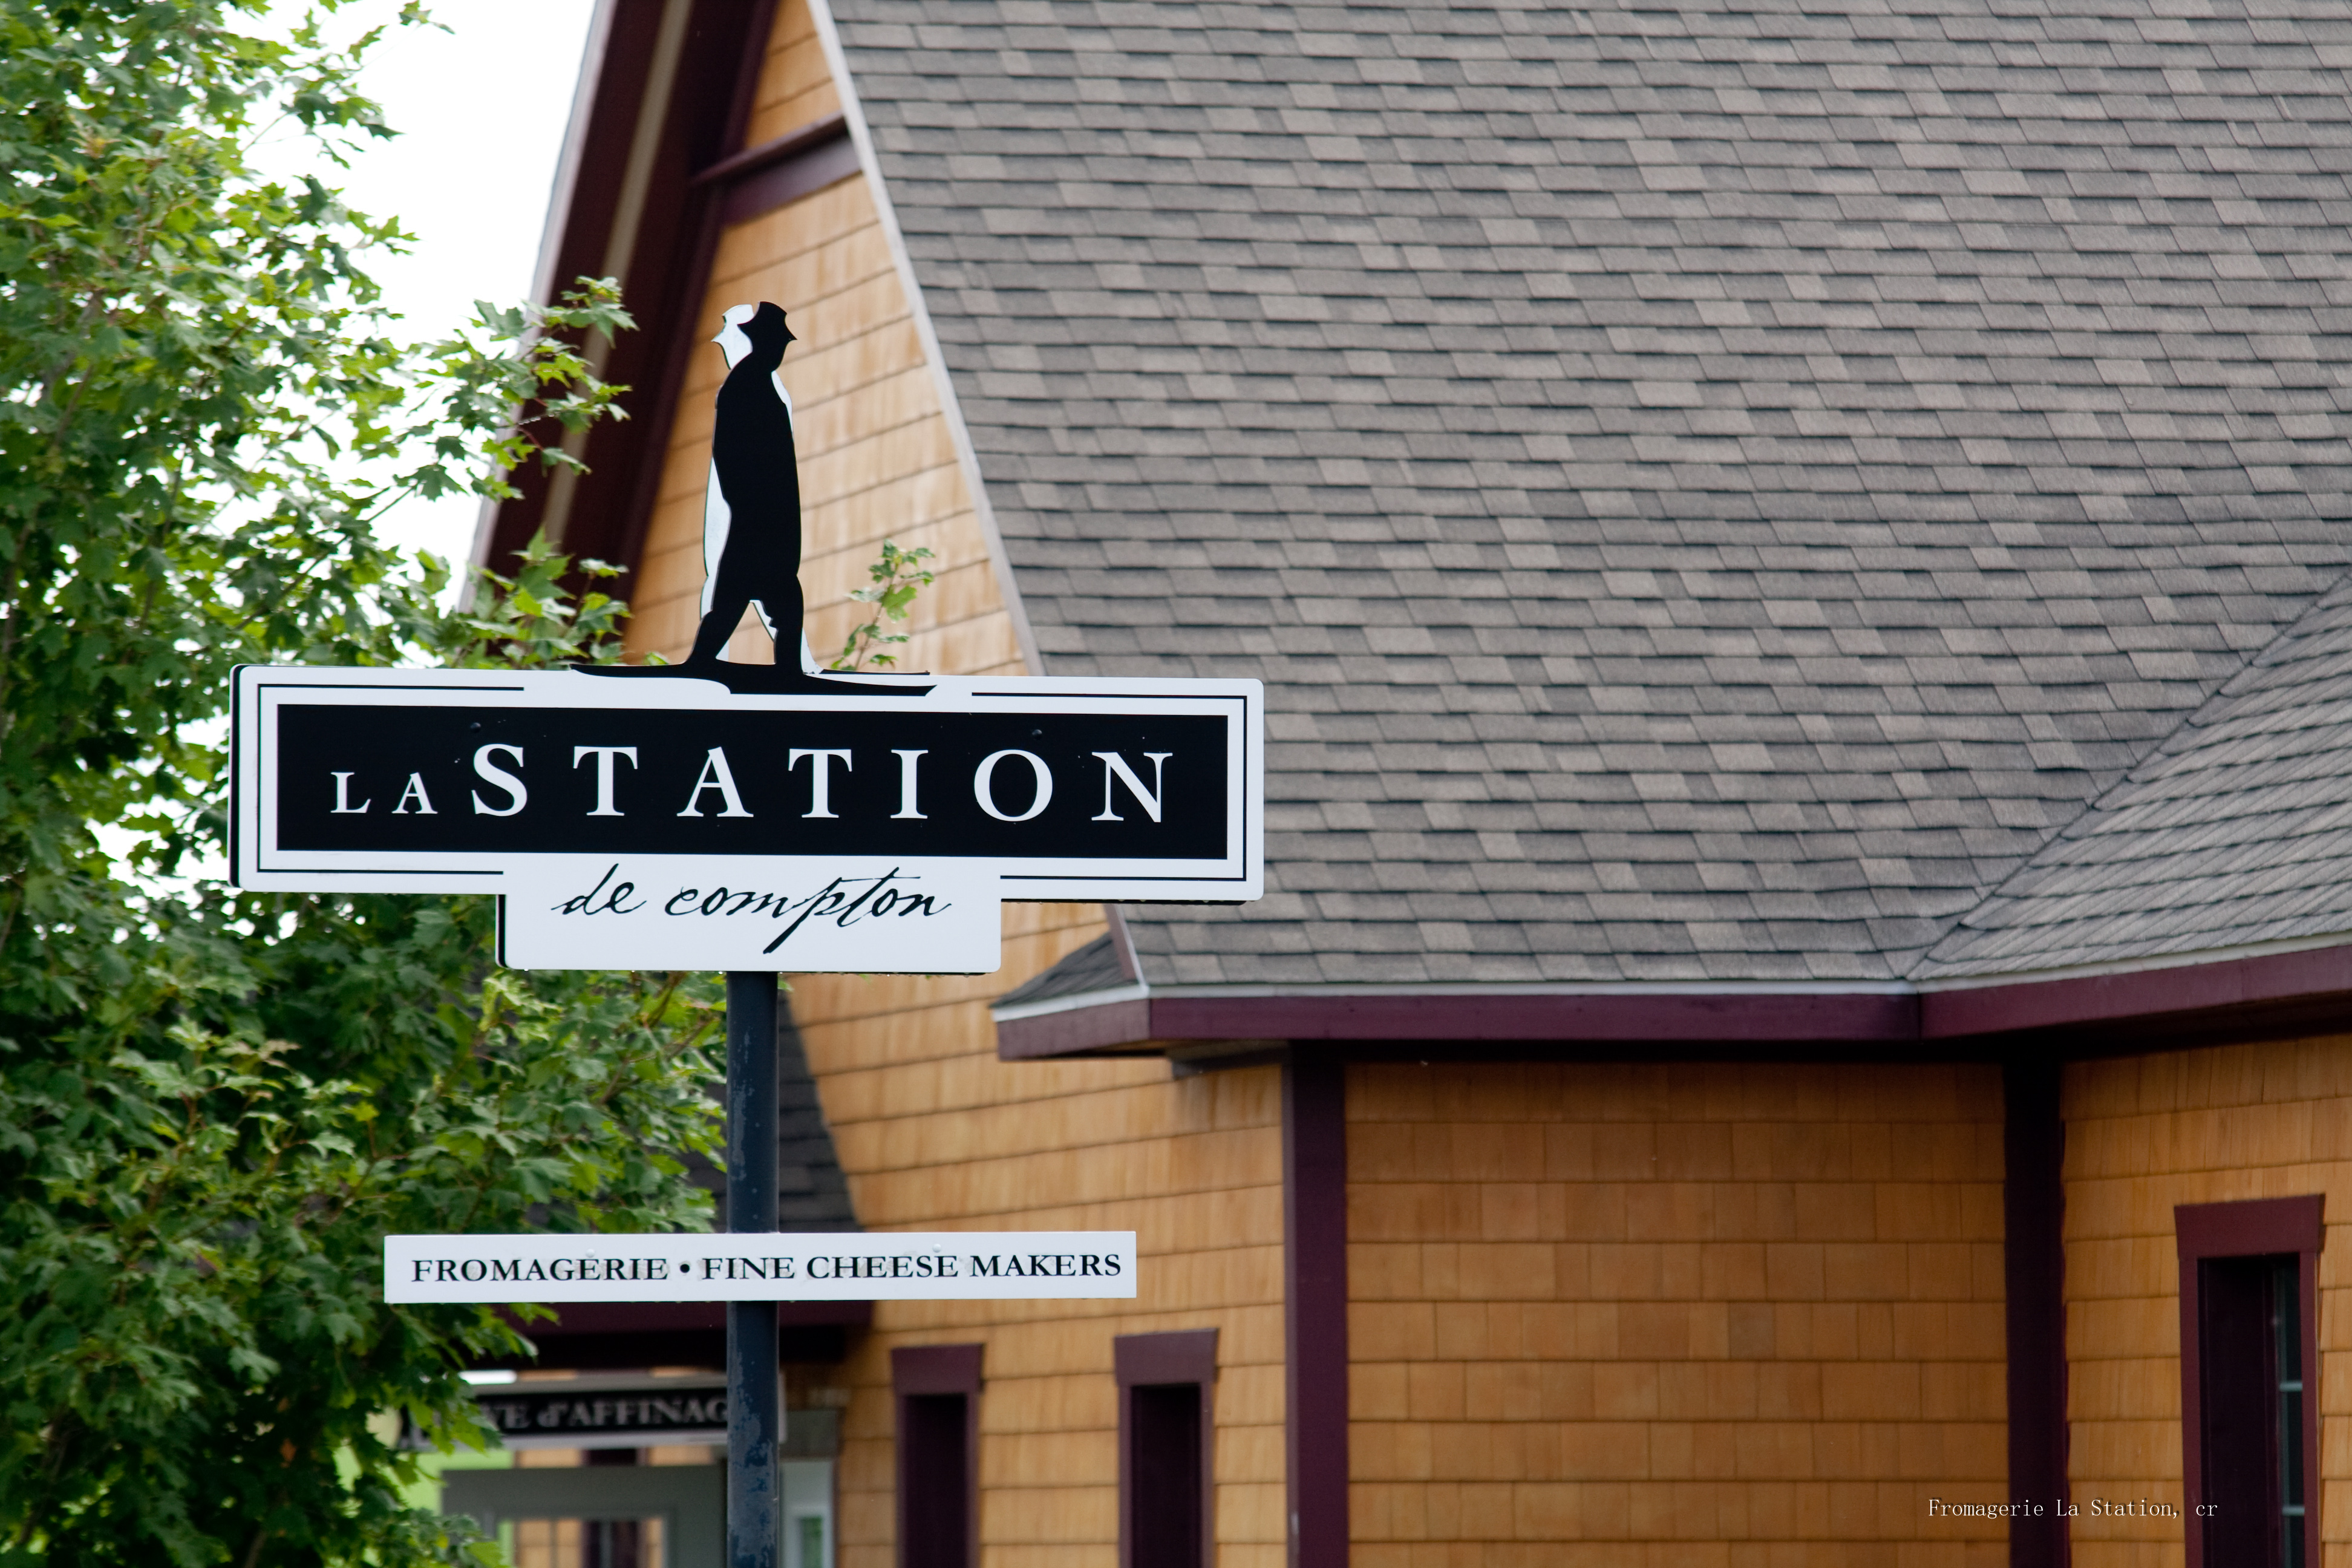 Crédit: Fromagerie La Station